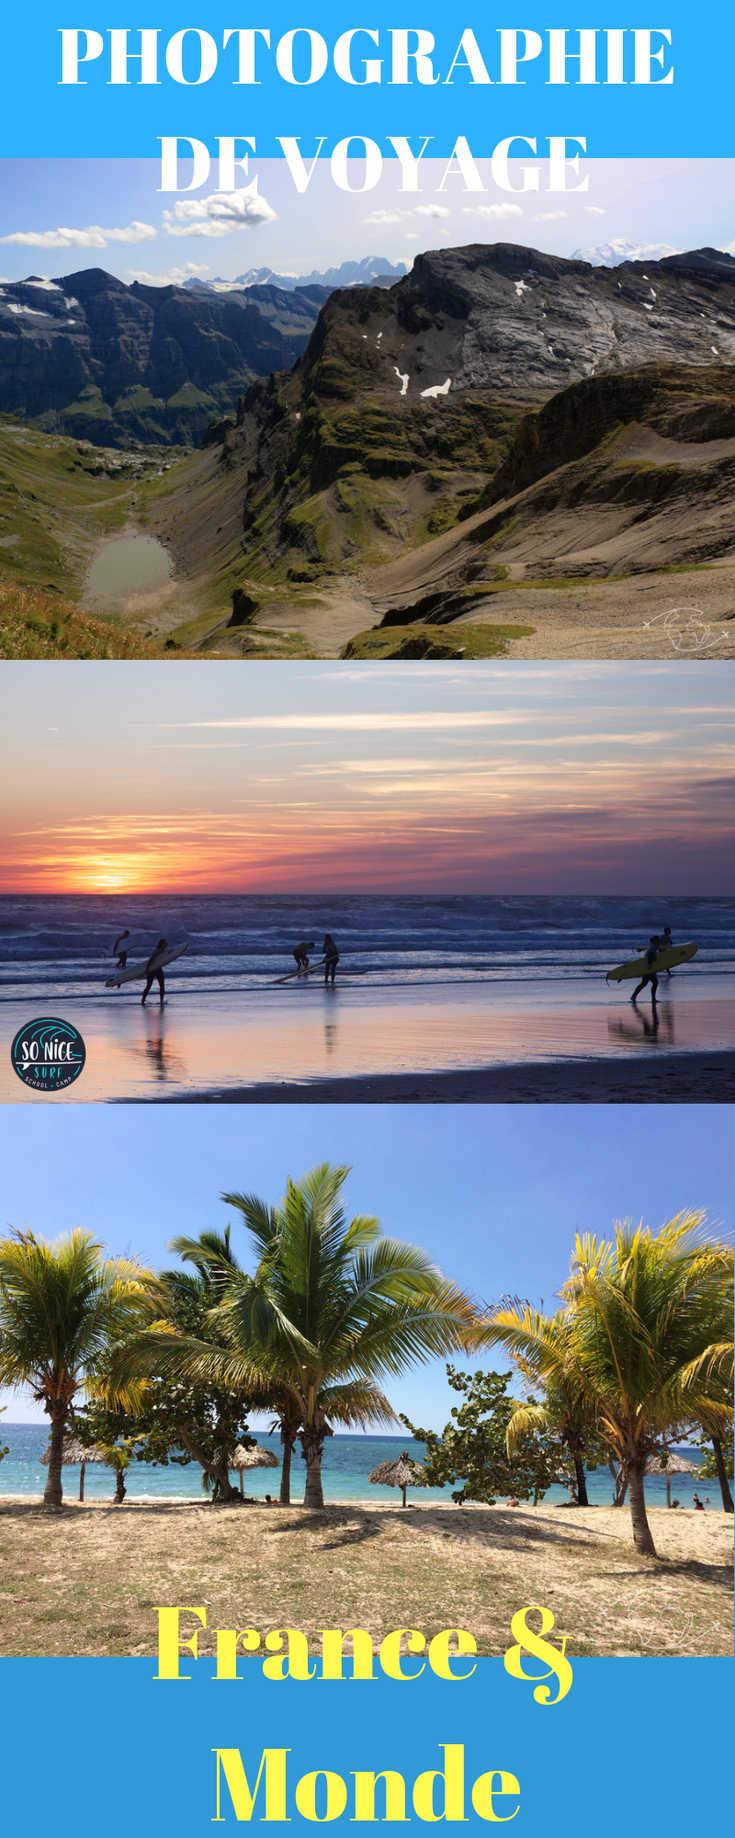 Inspirez vos prochains voyage en photos, Trouvez les Infos qui vont avec ! Invitation au voyage en photographie.